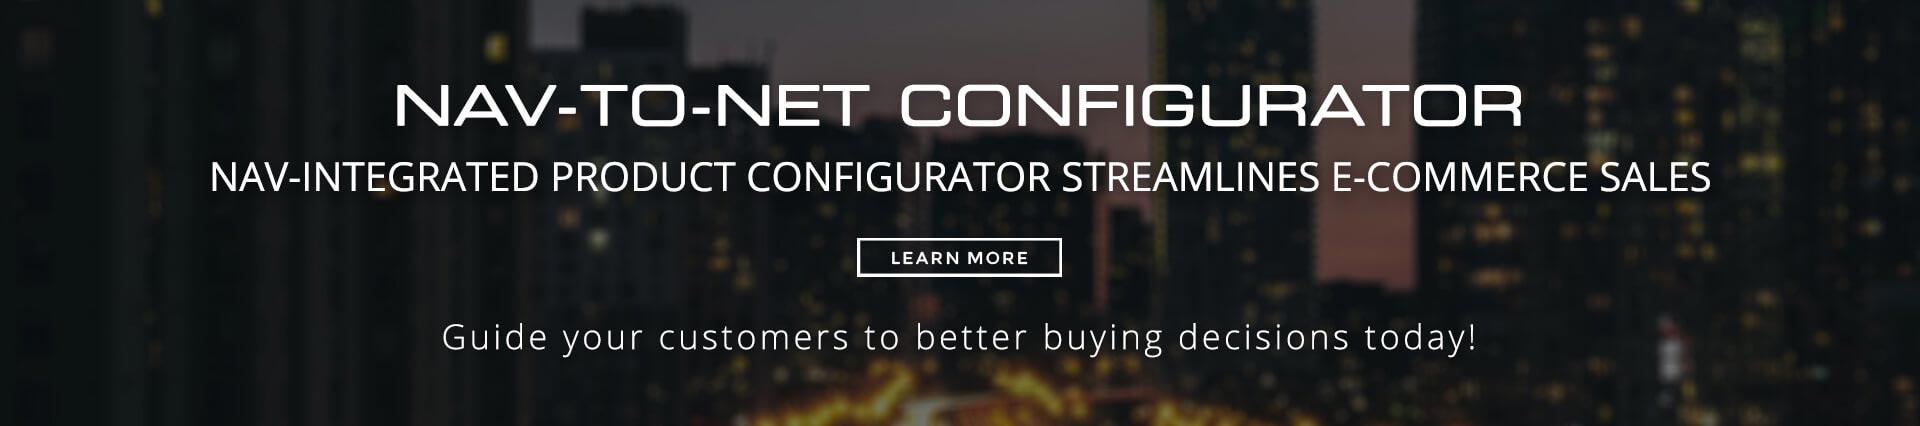 Nav-to-Net Configurator for e-Commerce